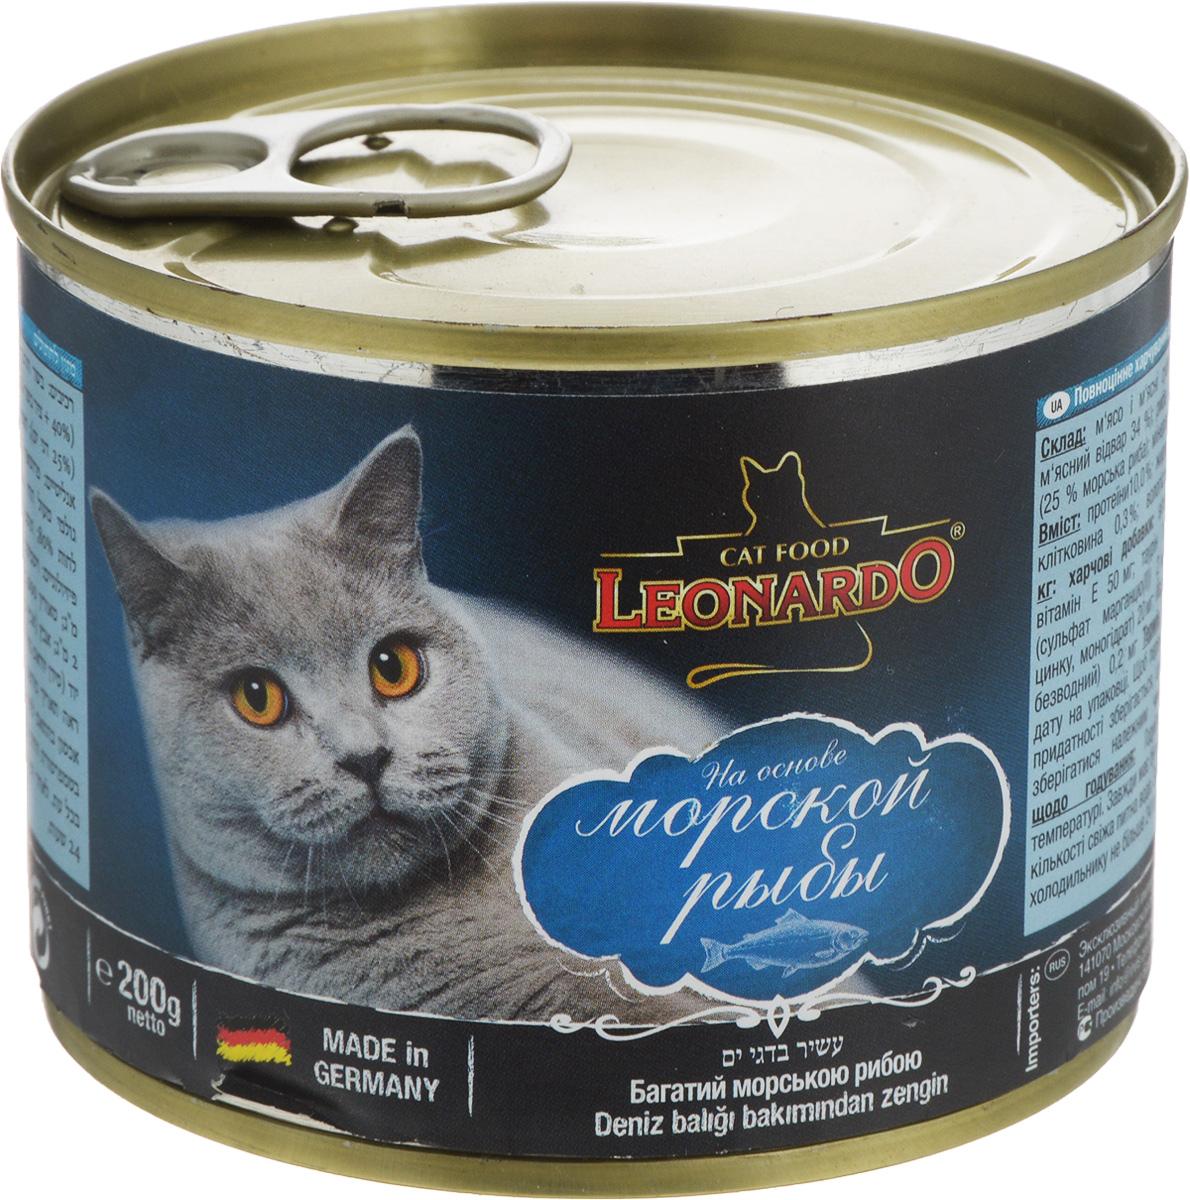 Консервы для кошек Leonardo, мясо с рыбой, 200 г53808Консервы Leonardo - 100% мясные консервы для кошек, выполненные в виде нежного фарша. Консервы состоят исключительно из отборных натуральных компонентов и не содержат сою, искусственные красители и усилители вкуса. Состав: 90% мясо птицы, 10% рыба, минералы. Анализ состава: протеин 12%, жир 5%, клетчатка 0,4%, зола 2%, влажность 79%, кальций 0,32%, фосфор 0,18%.Содержание на 1 кг: цинк 15 мг, марганец 1,5 мг, витамин А 5000 МЕ, витамин Е 40 мг, витамин D3 250 МЕ, витамин В2 0,8 мг, витамин В12 4,0 мг.Вес: 200 г.Товар сертифицирован.Уважаемые клиенты!Обращаем ваше внимание на возможные изменения в дизайне упаковки. Качественные характеристики товара остаются неизменными. Поставка осуществляется в зависимости от наличия на складе.